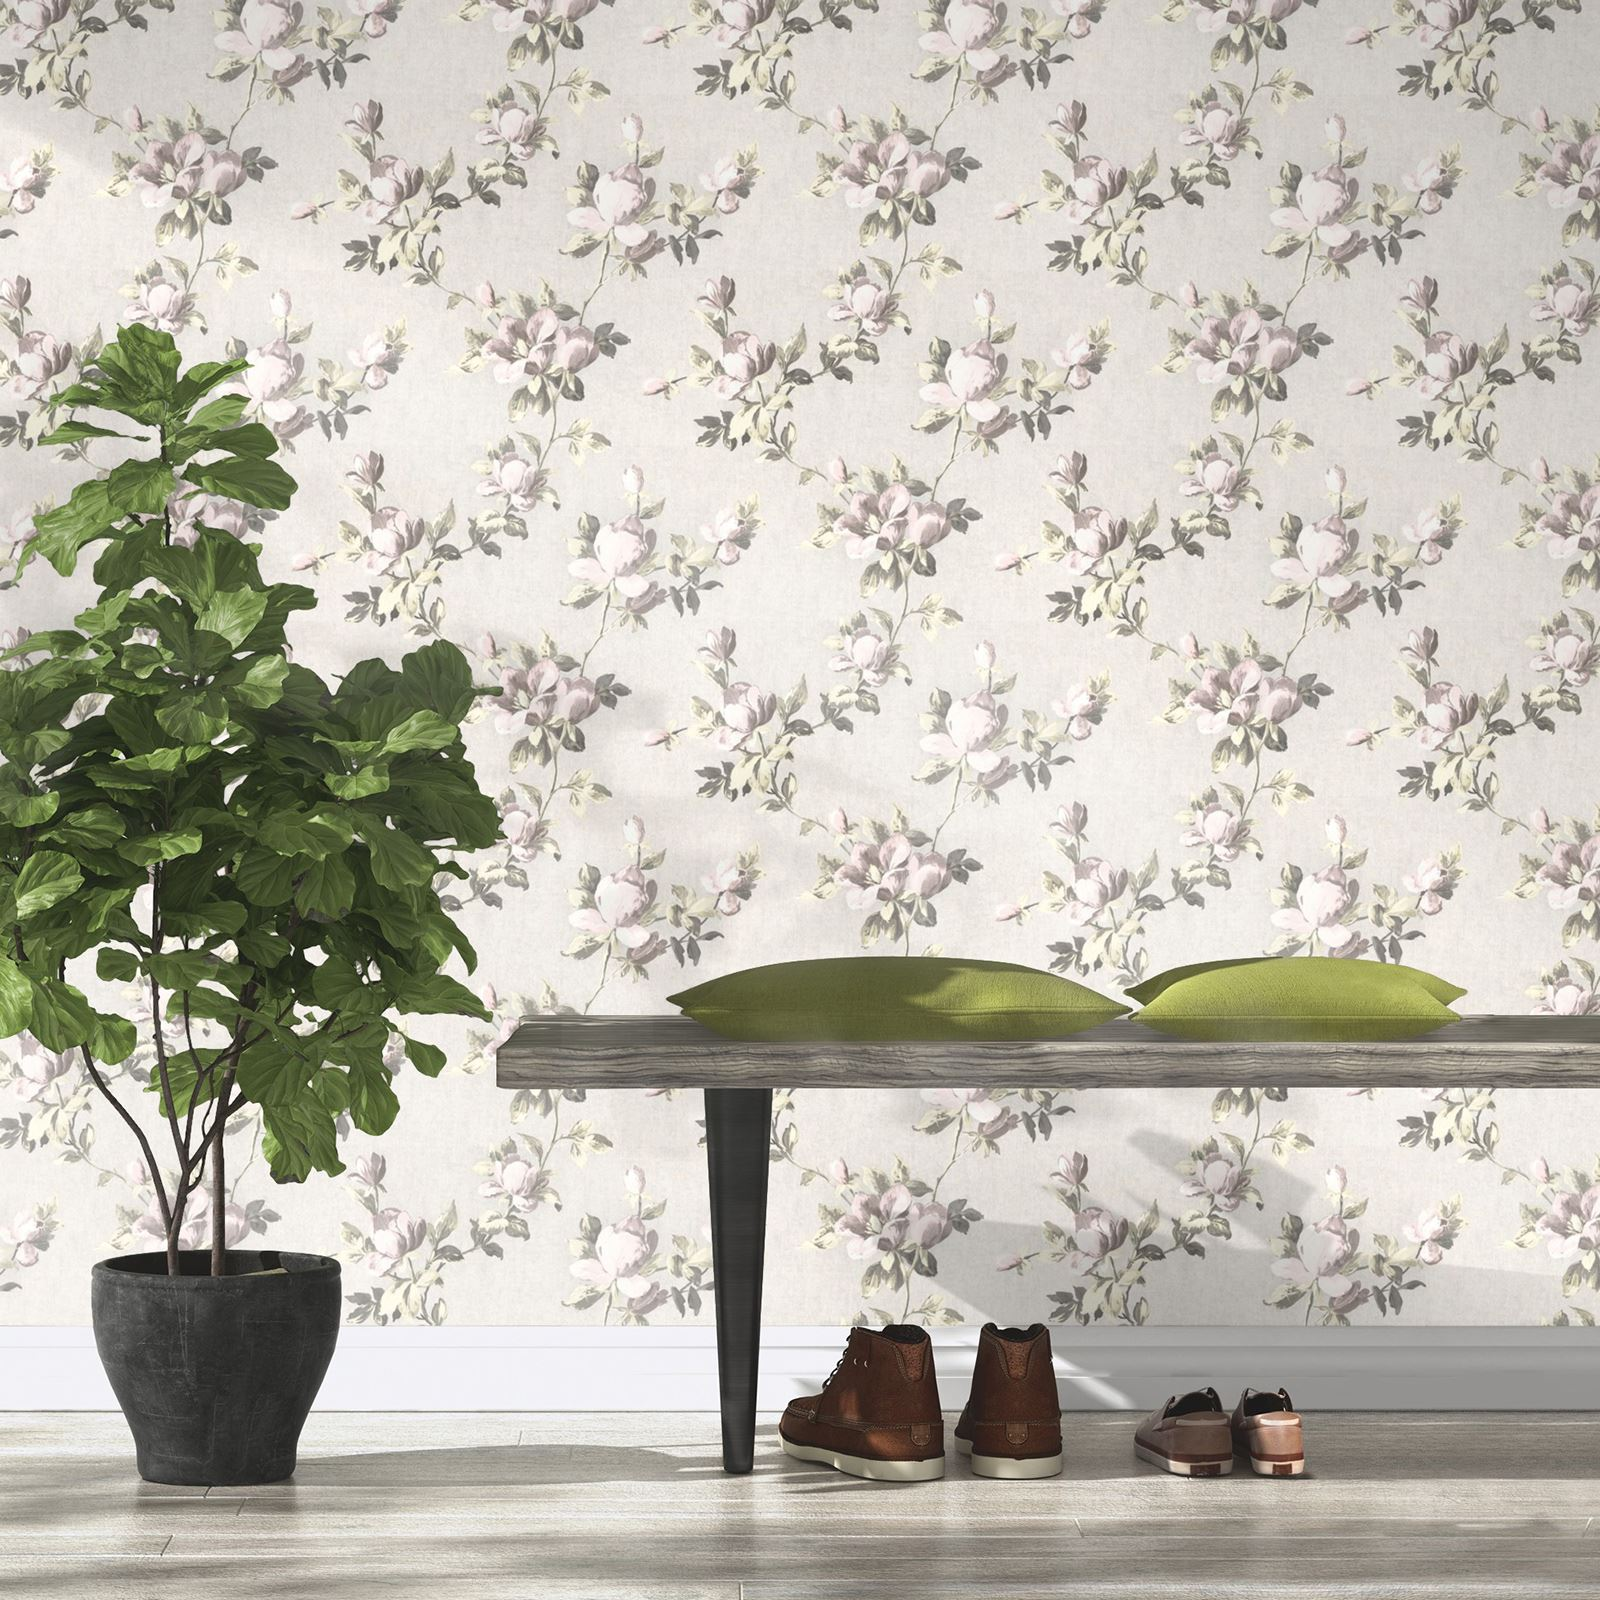 emilia rose blumen tapete cremefarben rosa gold rasch. Black Bedroom Furniture Sets. Home Design Ideas